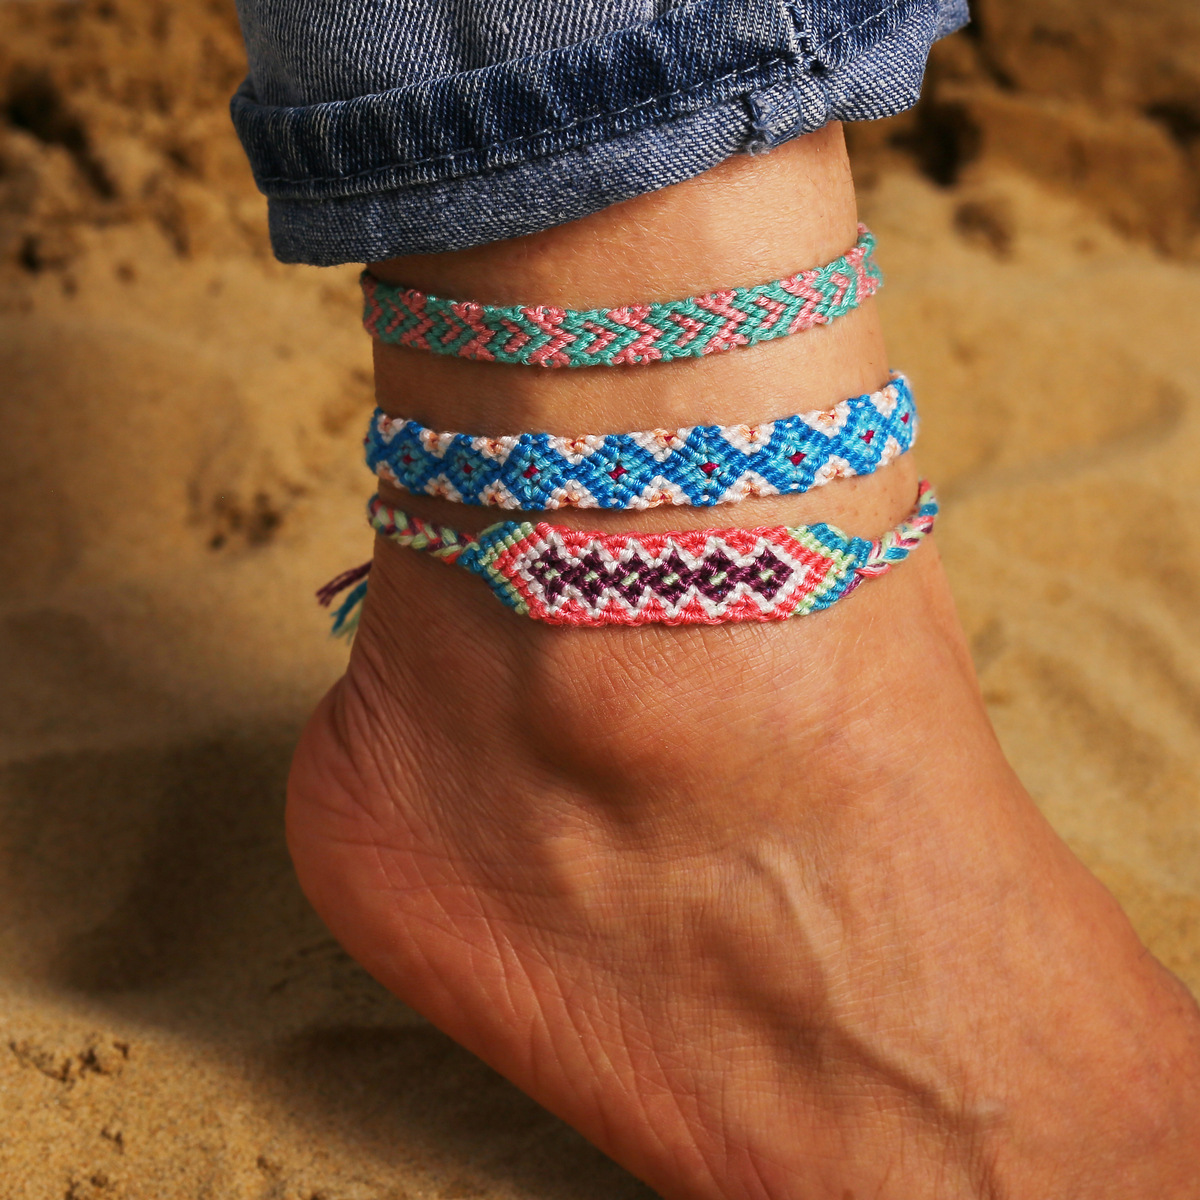 Bohemia Handmade Colorful Cotton Anklet Bracelet Female 2020 Summer Beach Sandal Leg Bracelet Vintage Rope String Ankle Bracelet 3